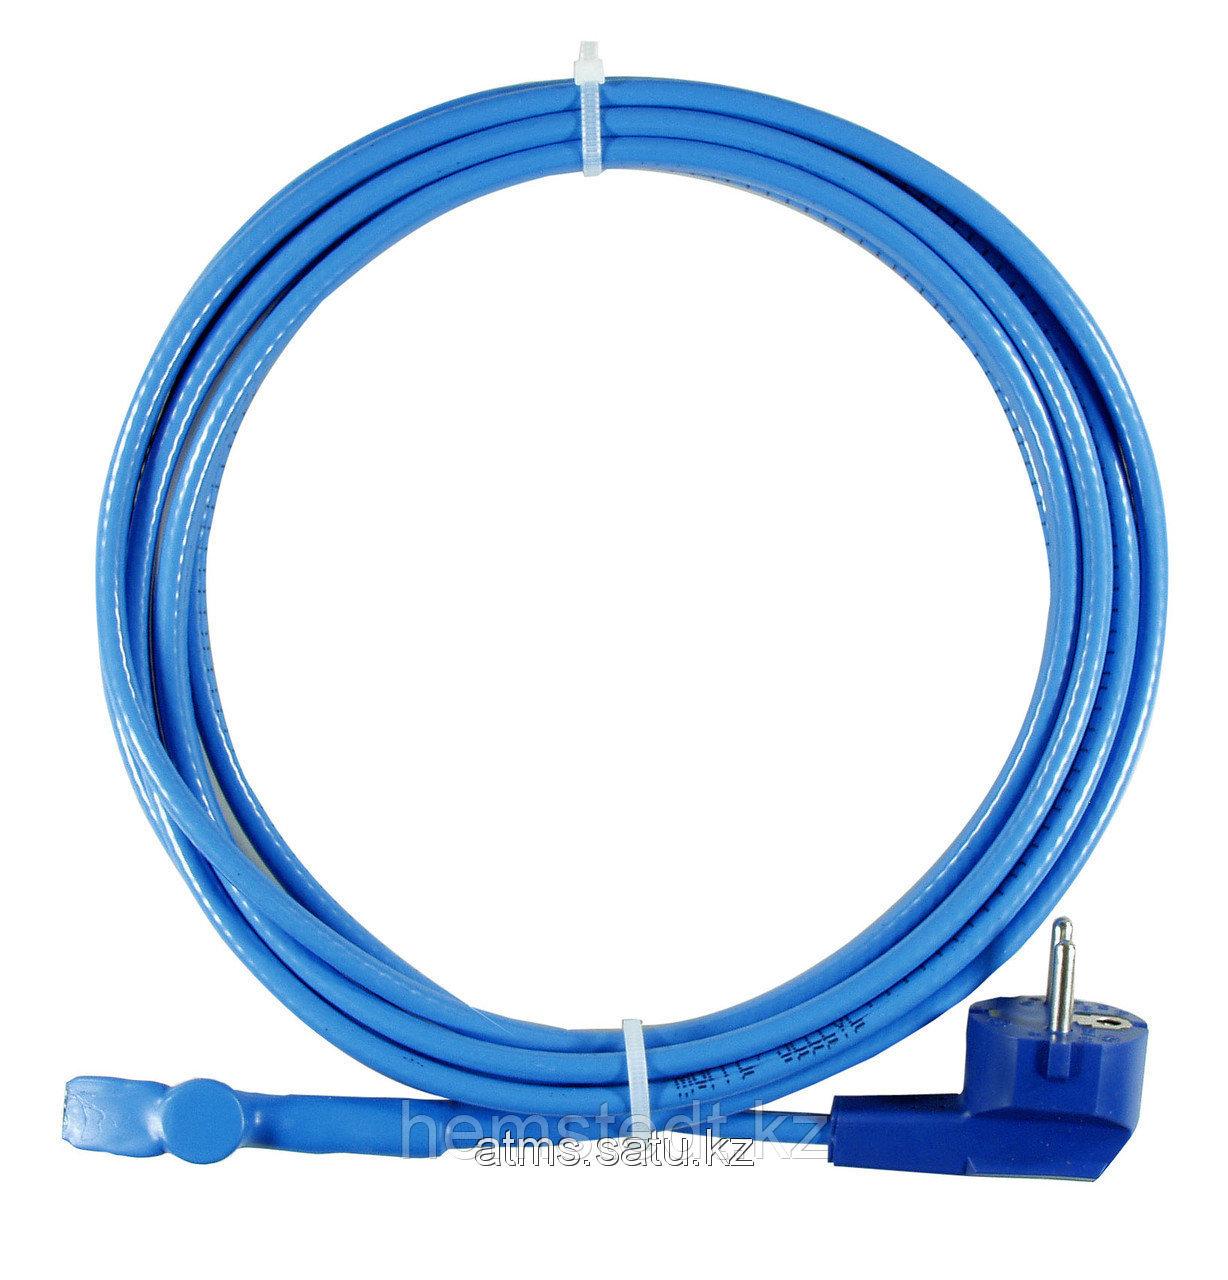 Кабель Hemstedt FS для защиты трубопроводов от замерзания с термоограничителем 7м